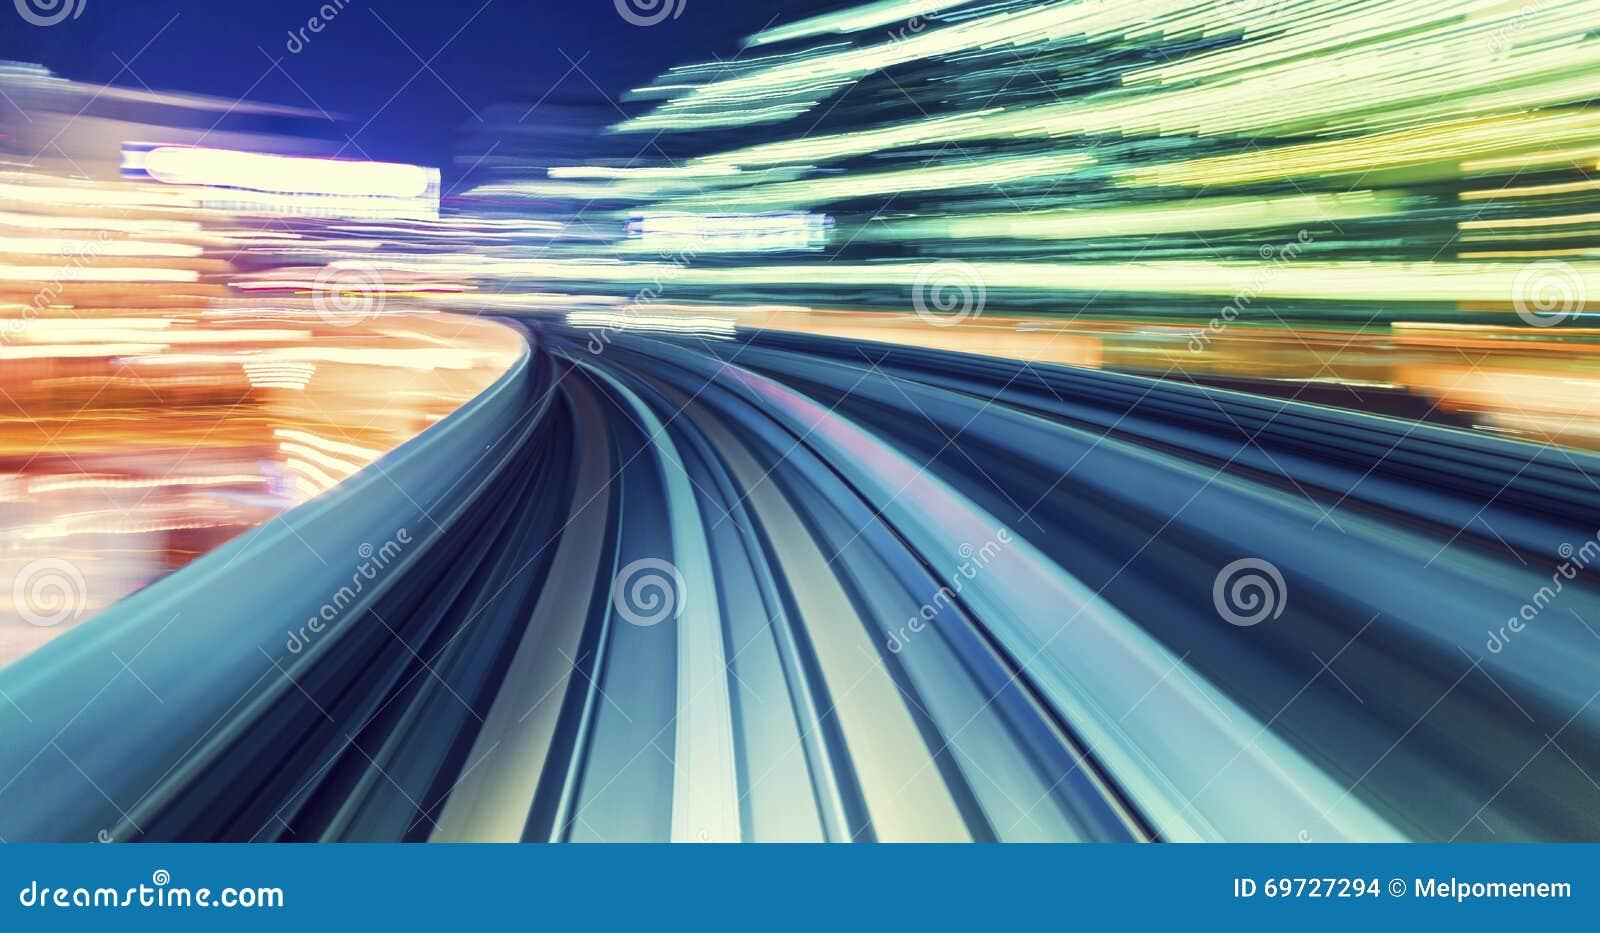 Έννοια τεχνολογίας υψηλής ταχύτητας μέσω ενός μονοτρόχιου σιδηροδρόμου του Τόκιο